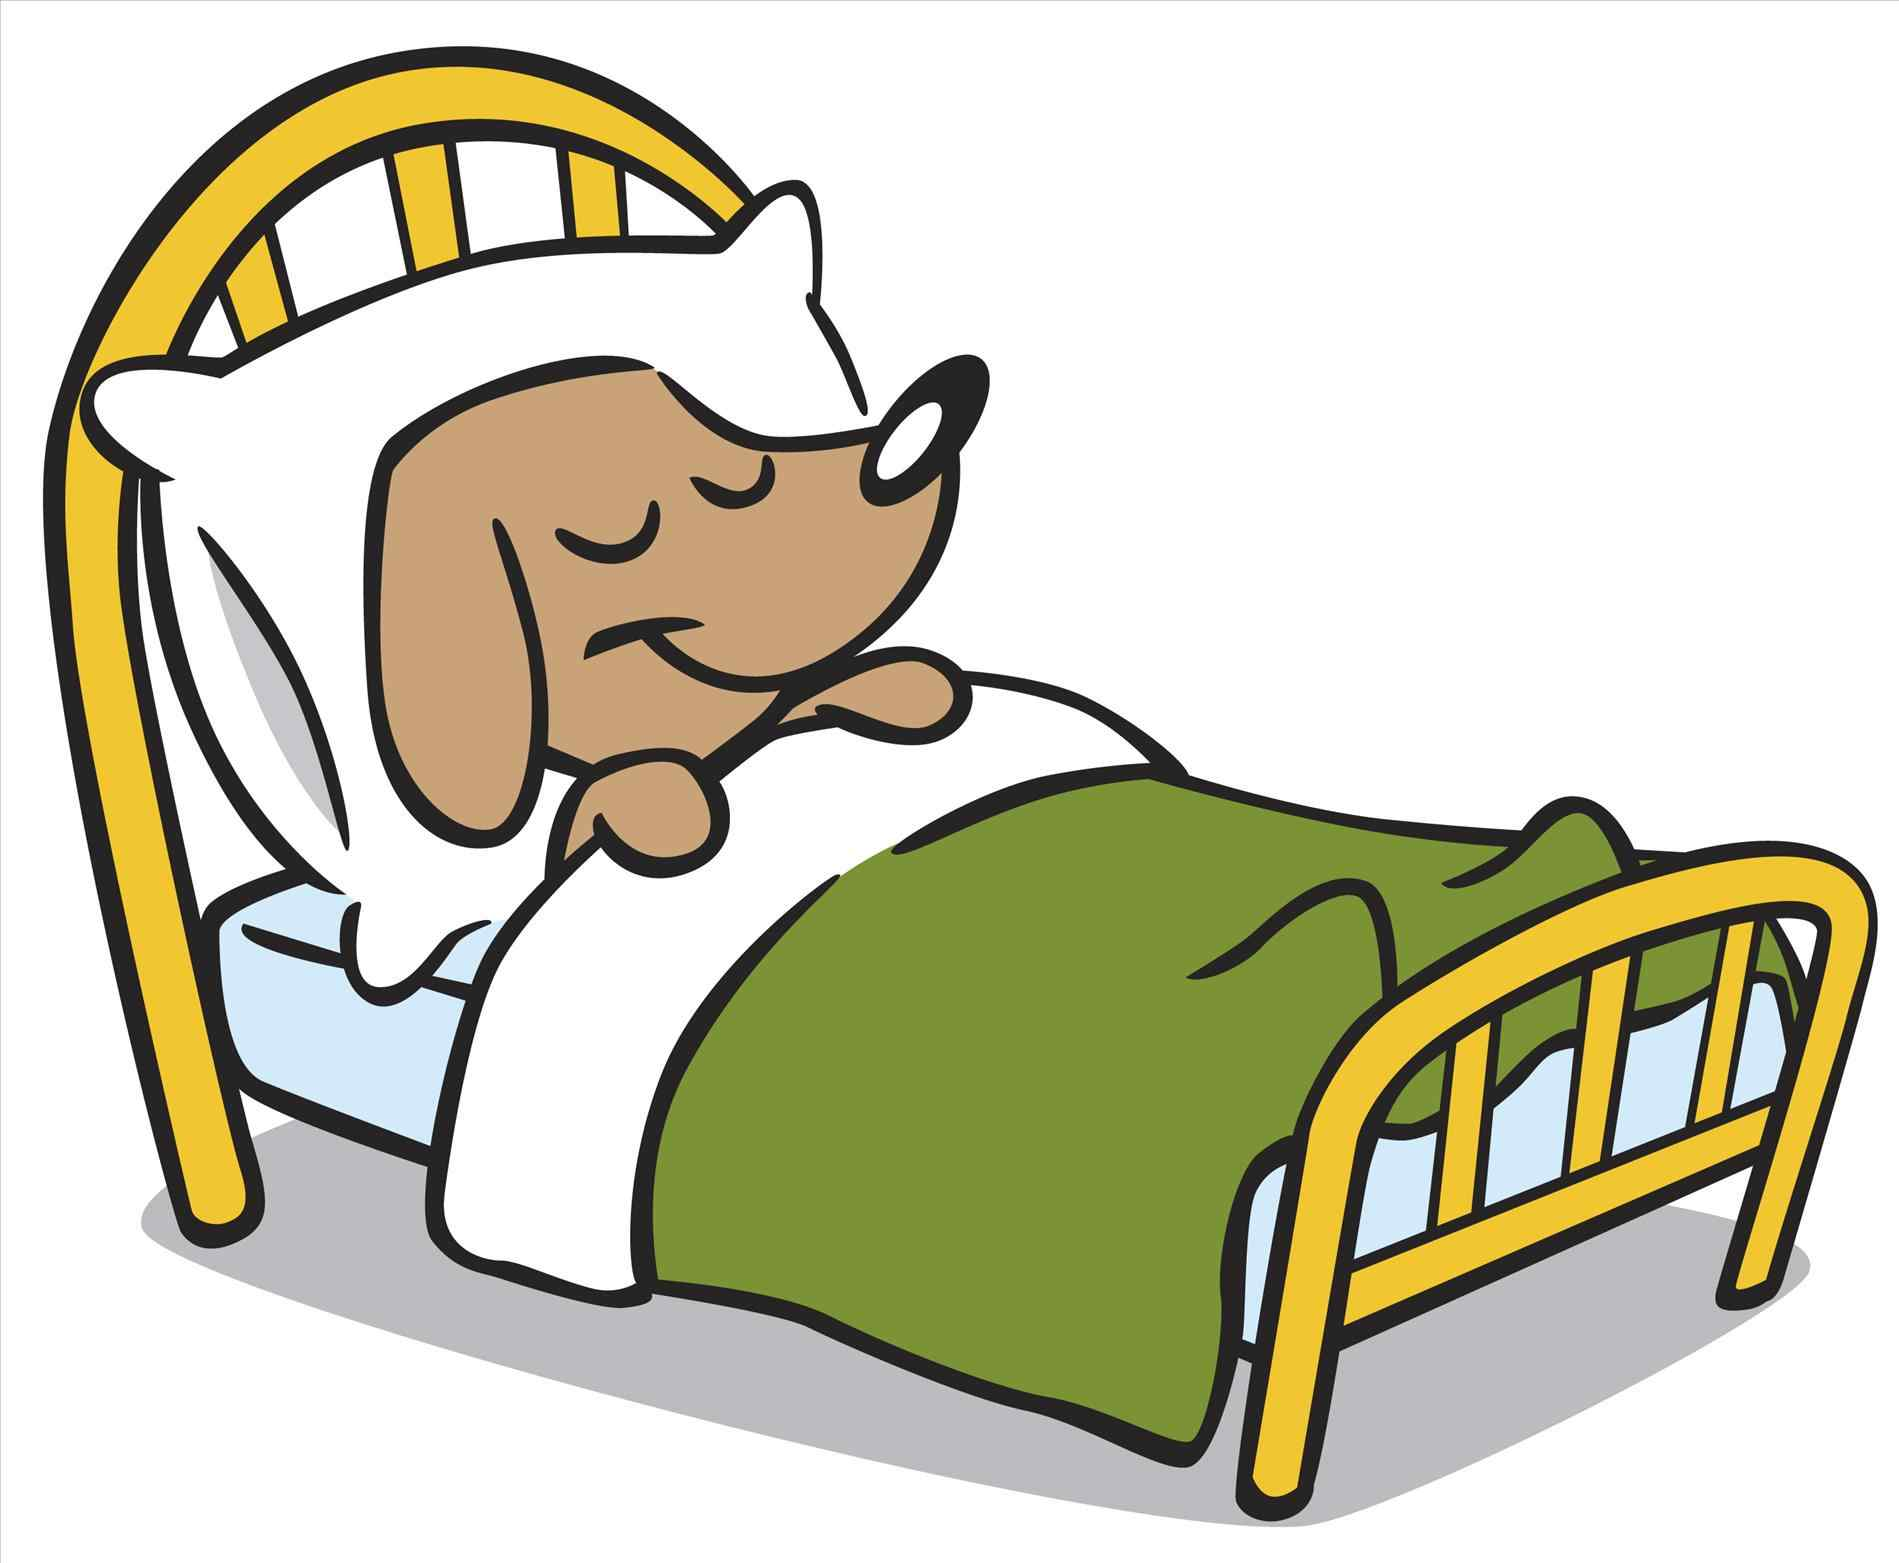 1899x1563 Bed Clipart Preschool 2434763